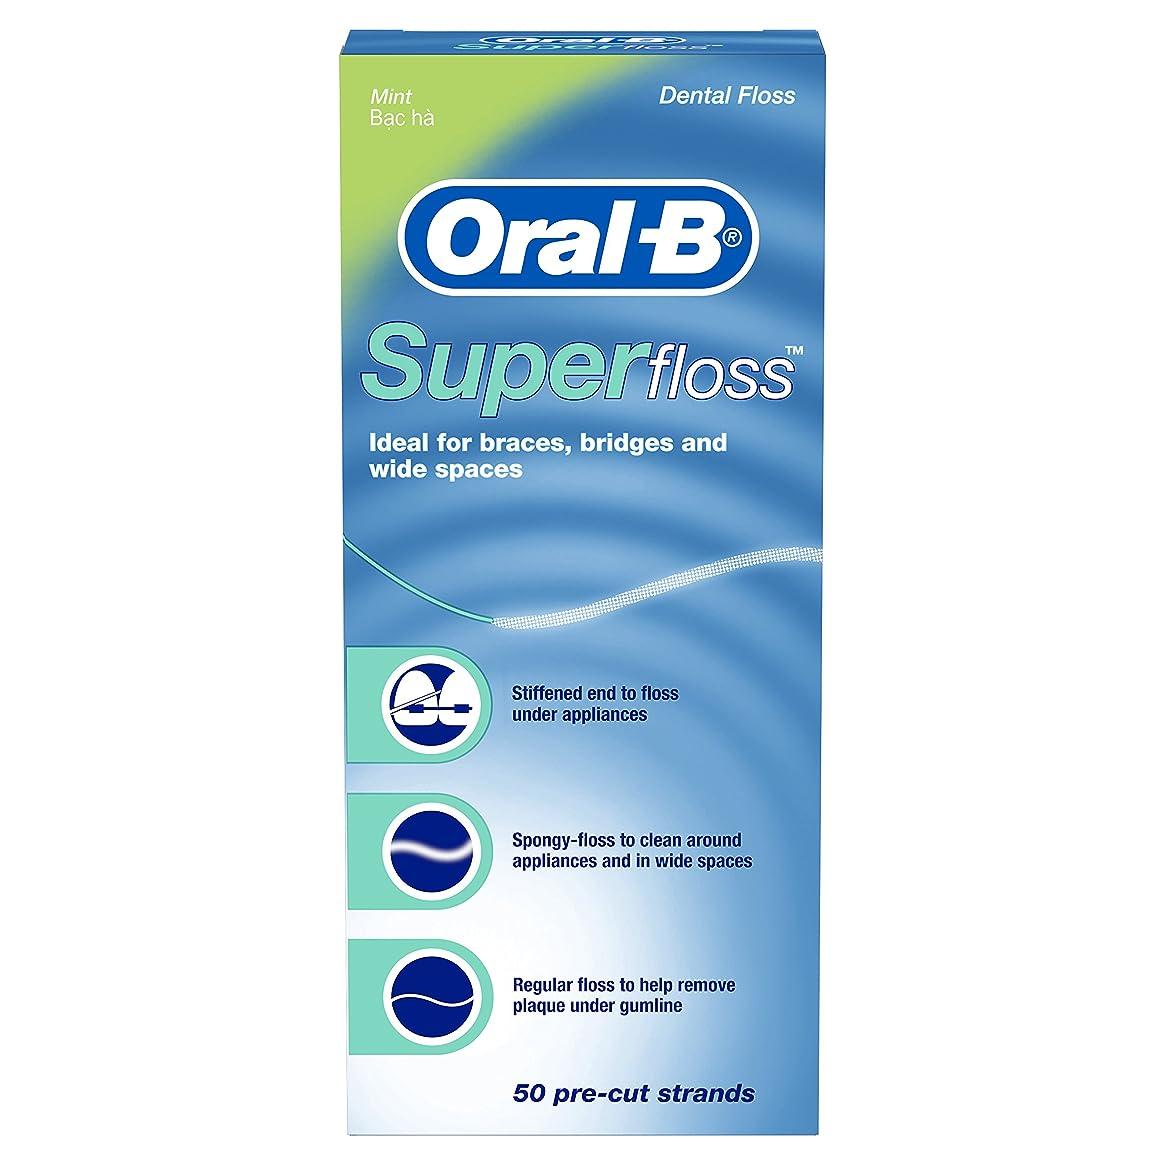 好ましいパケット時計回りOral-B Super Floss Dental Floss Mint Strips 50-Count (並行輸入品)